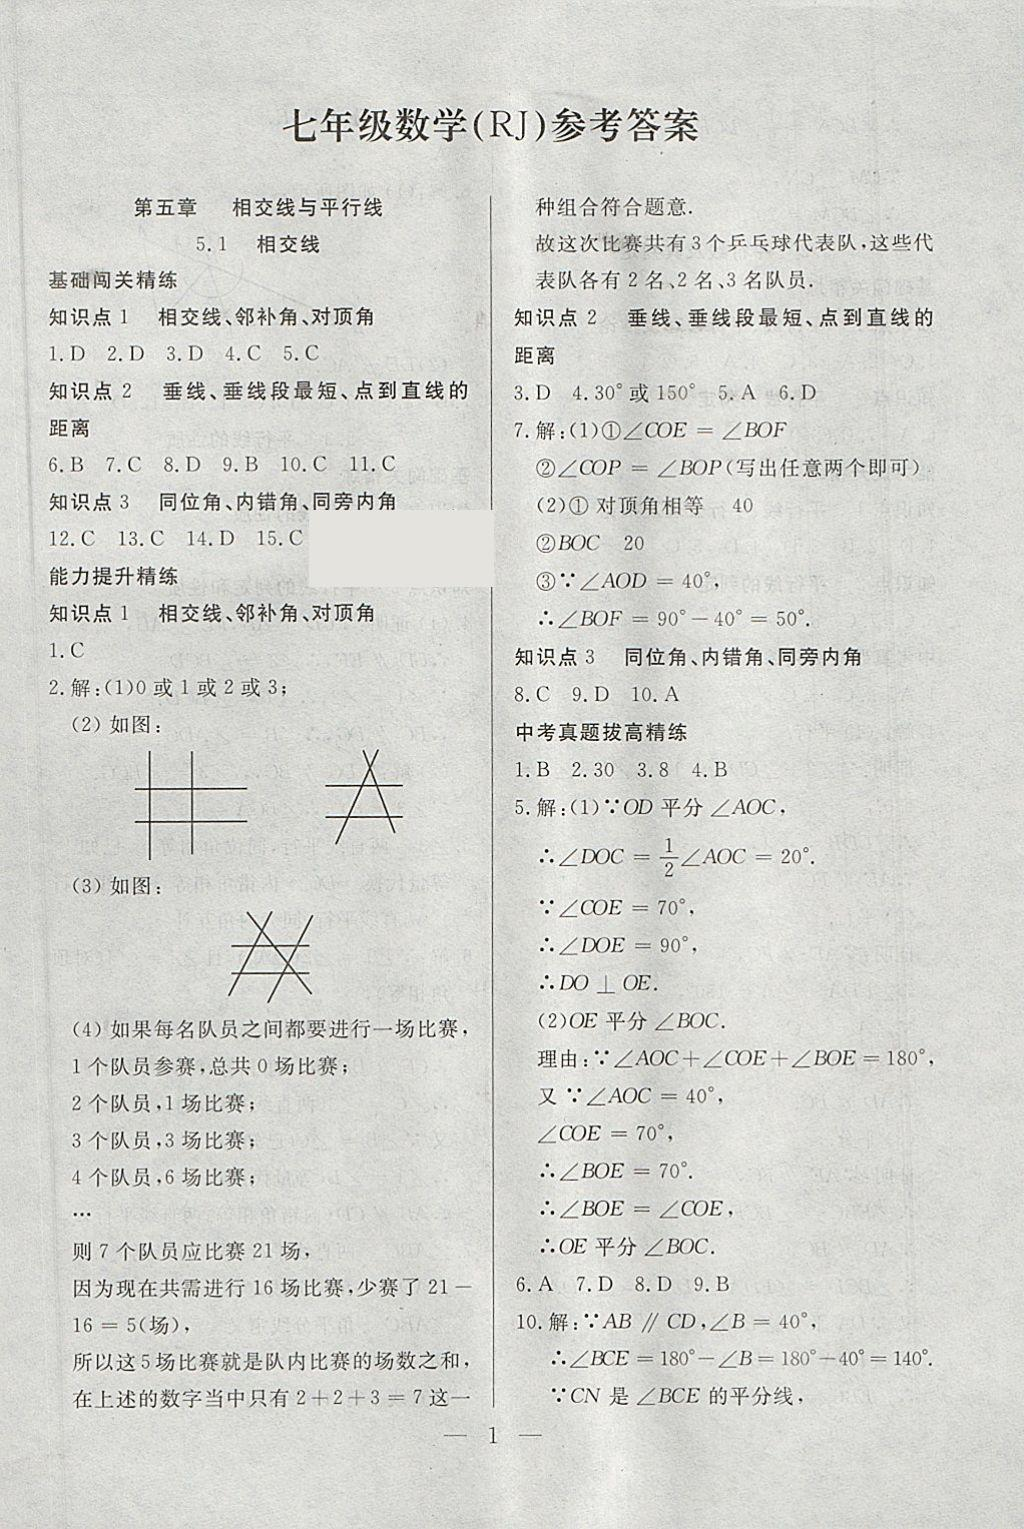 2018年课时作业本七年级数学下册江苏版第1页